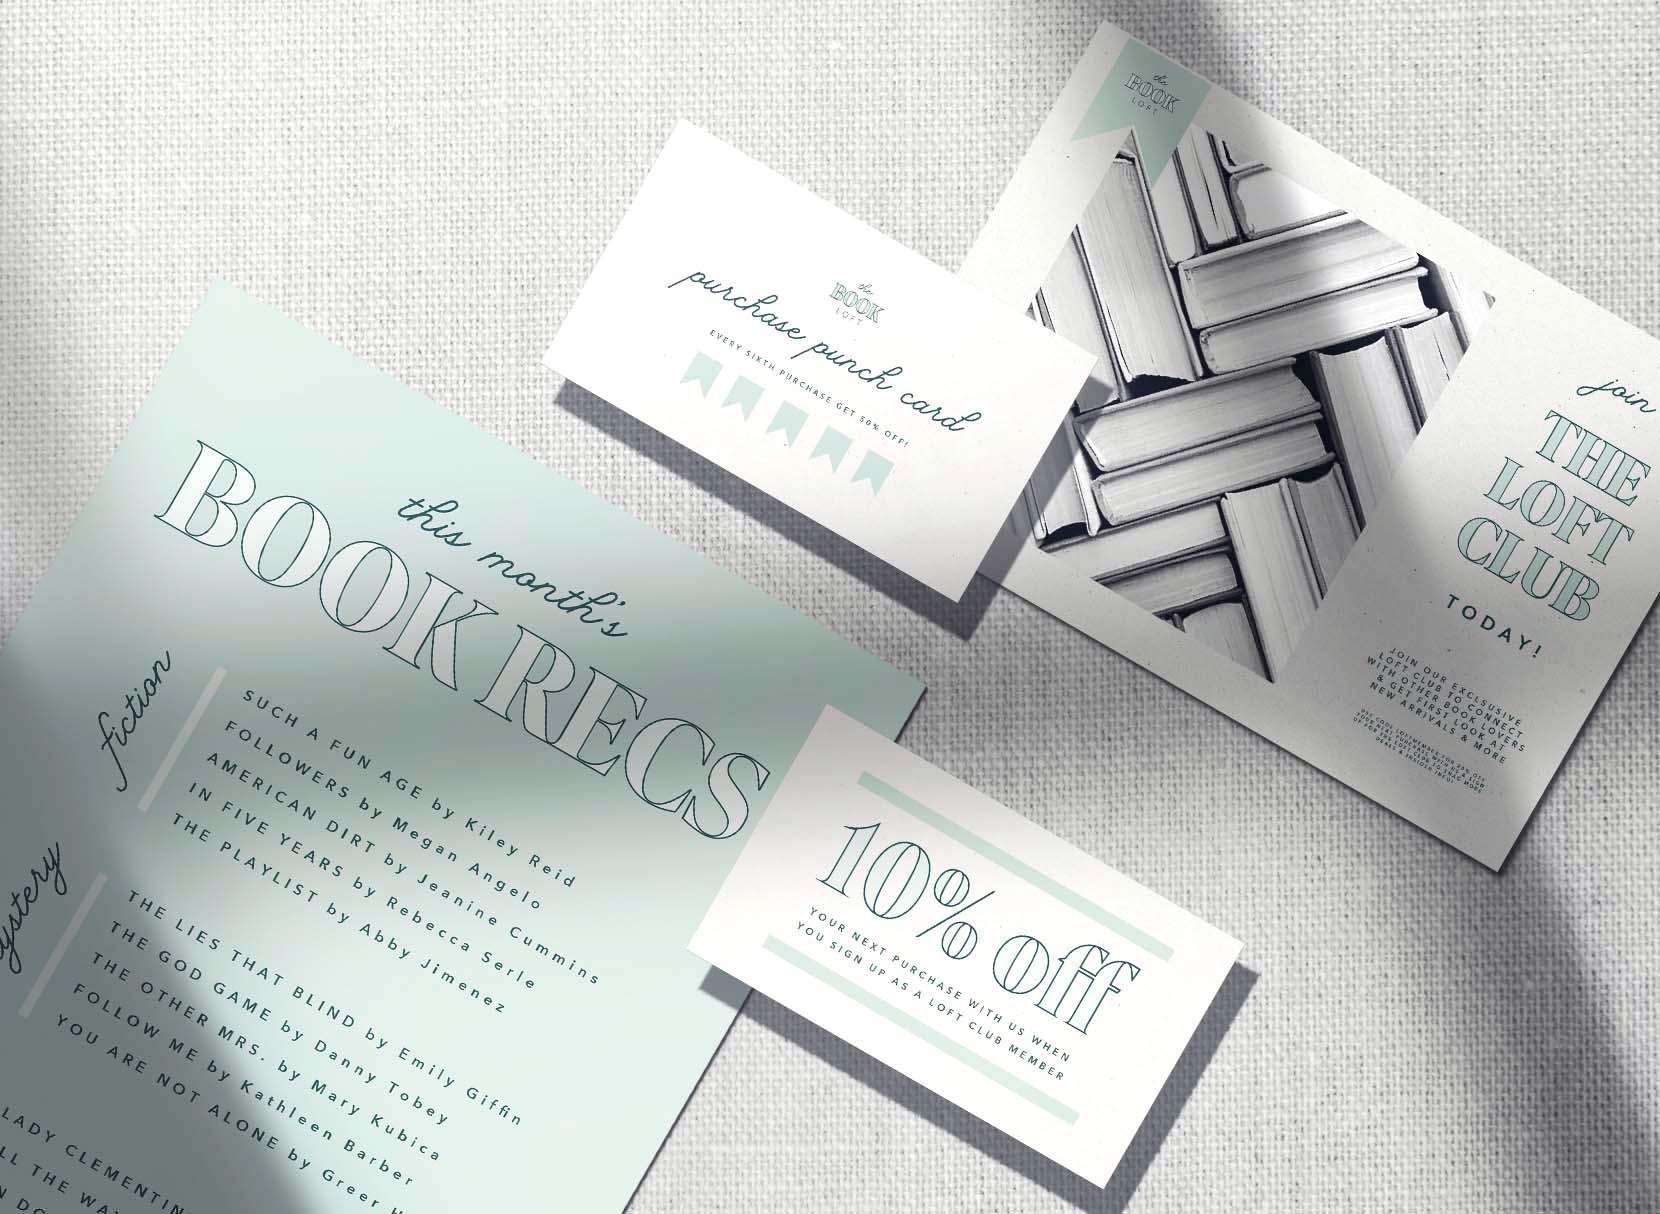 loft-club-materials_mockup